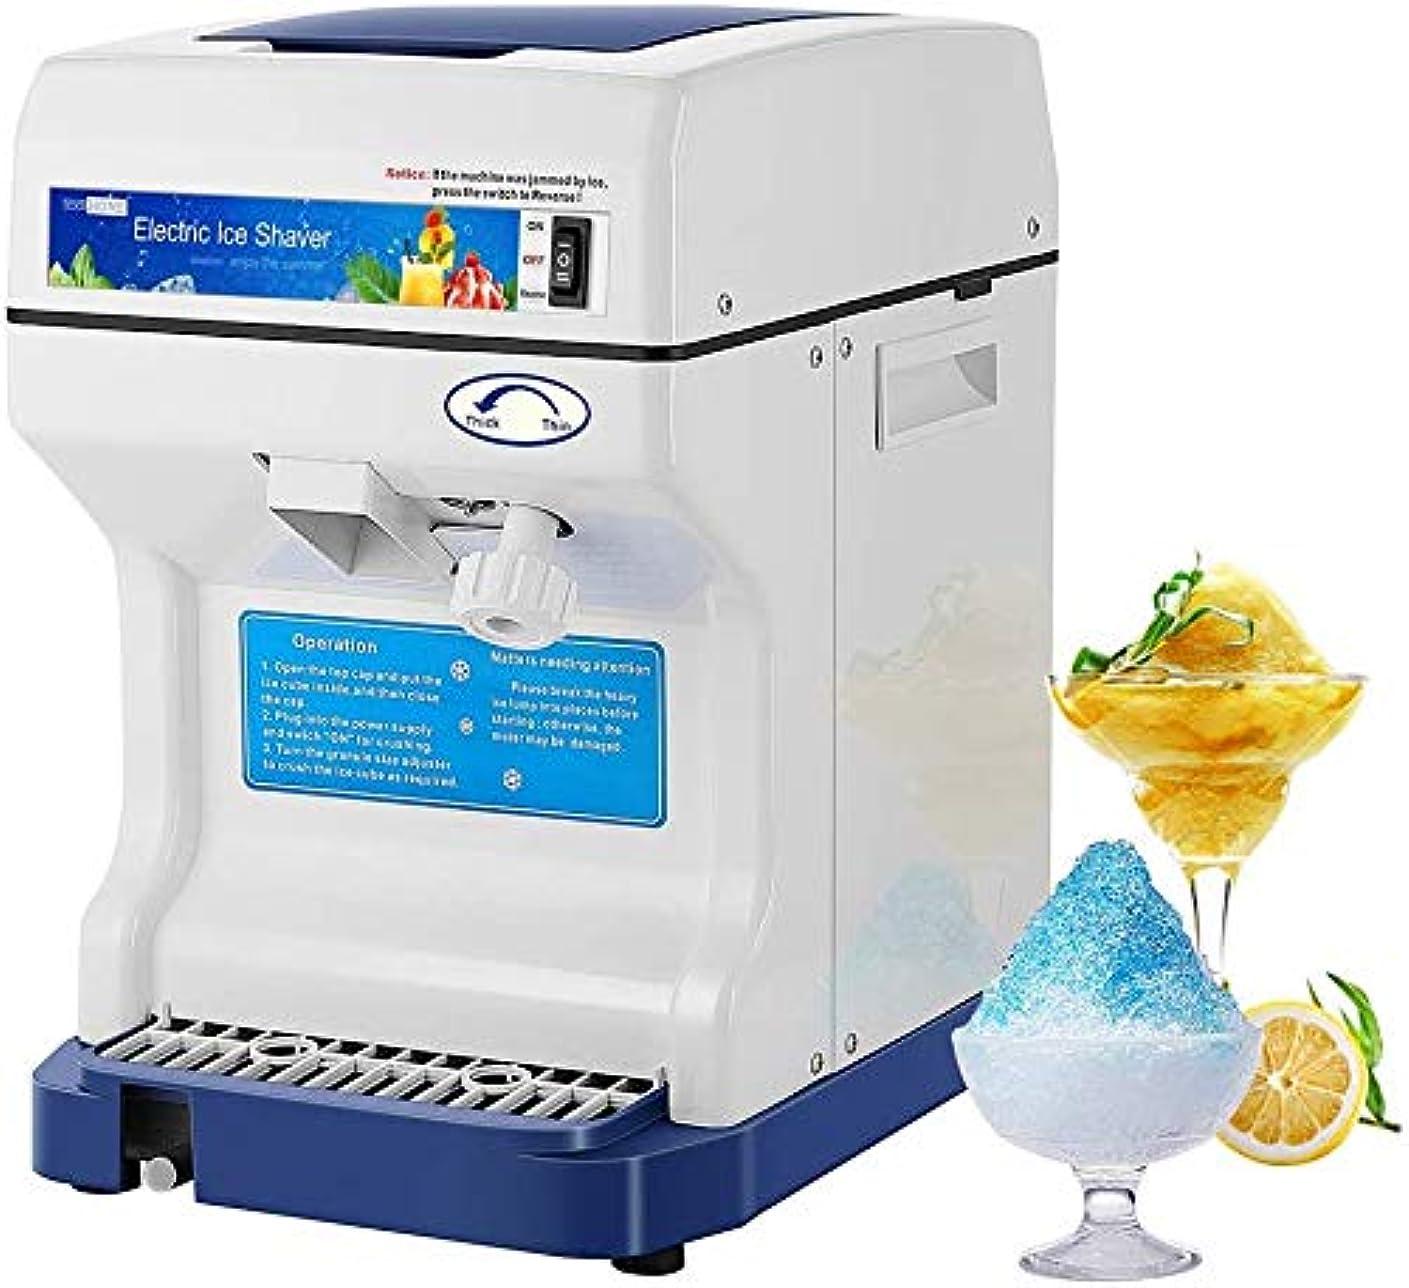 先住民植生放射する家庭や商業用電気 氷かき器 アイスクラッシャーシェーバーかき氷メーカーのマシン265lbs / hrで